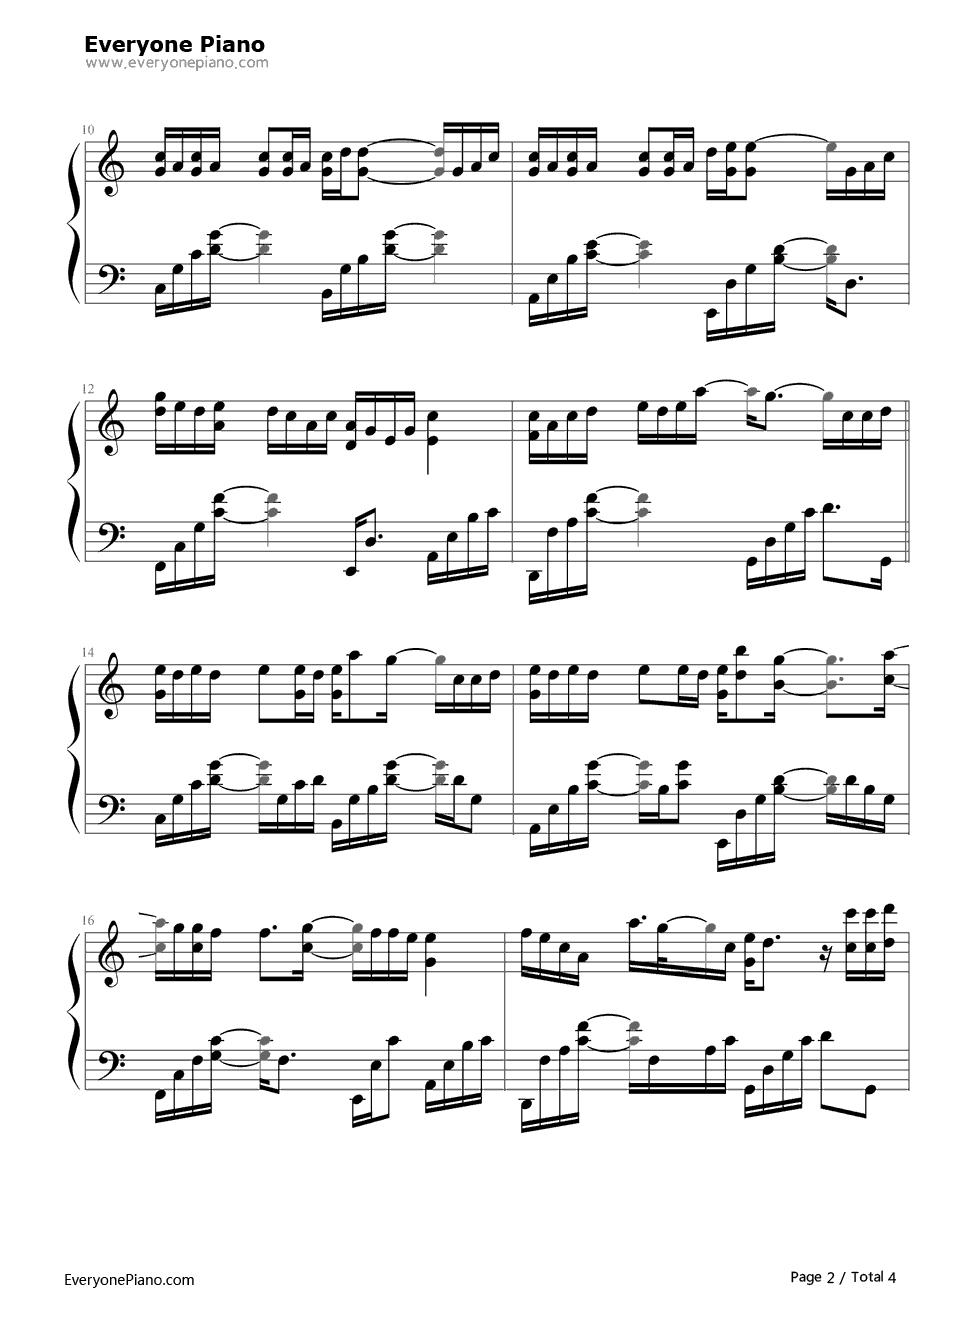 蜀绣-李宇春五线谱预览2-钢琴谱档(五线谱,双手简谱